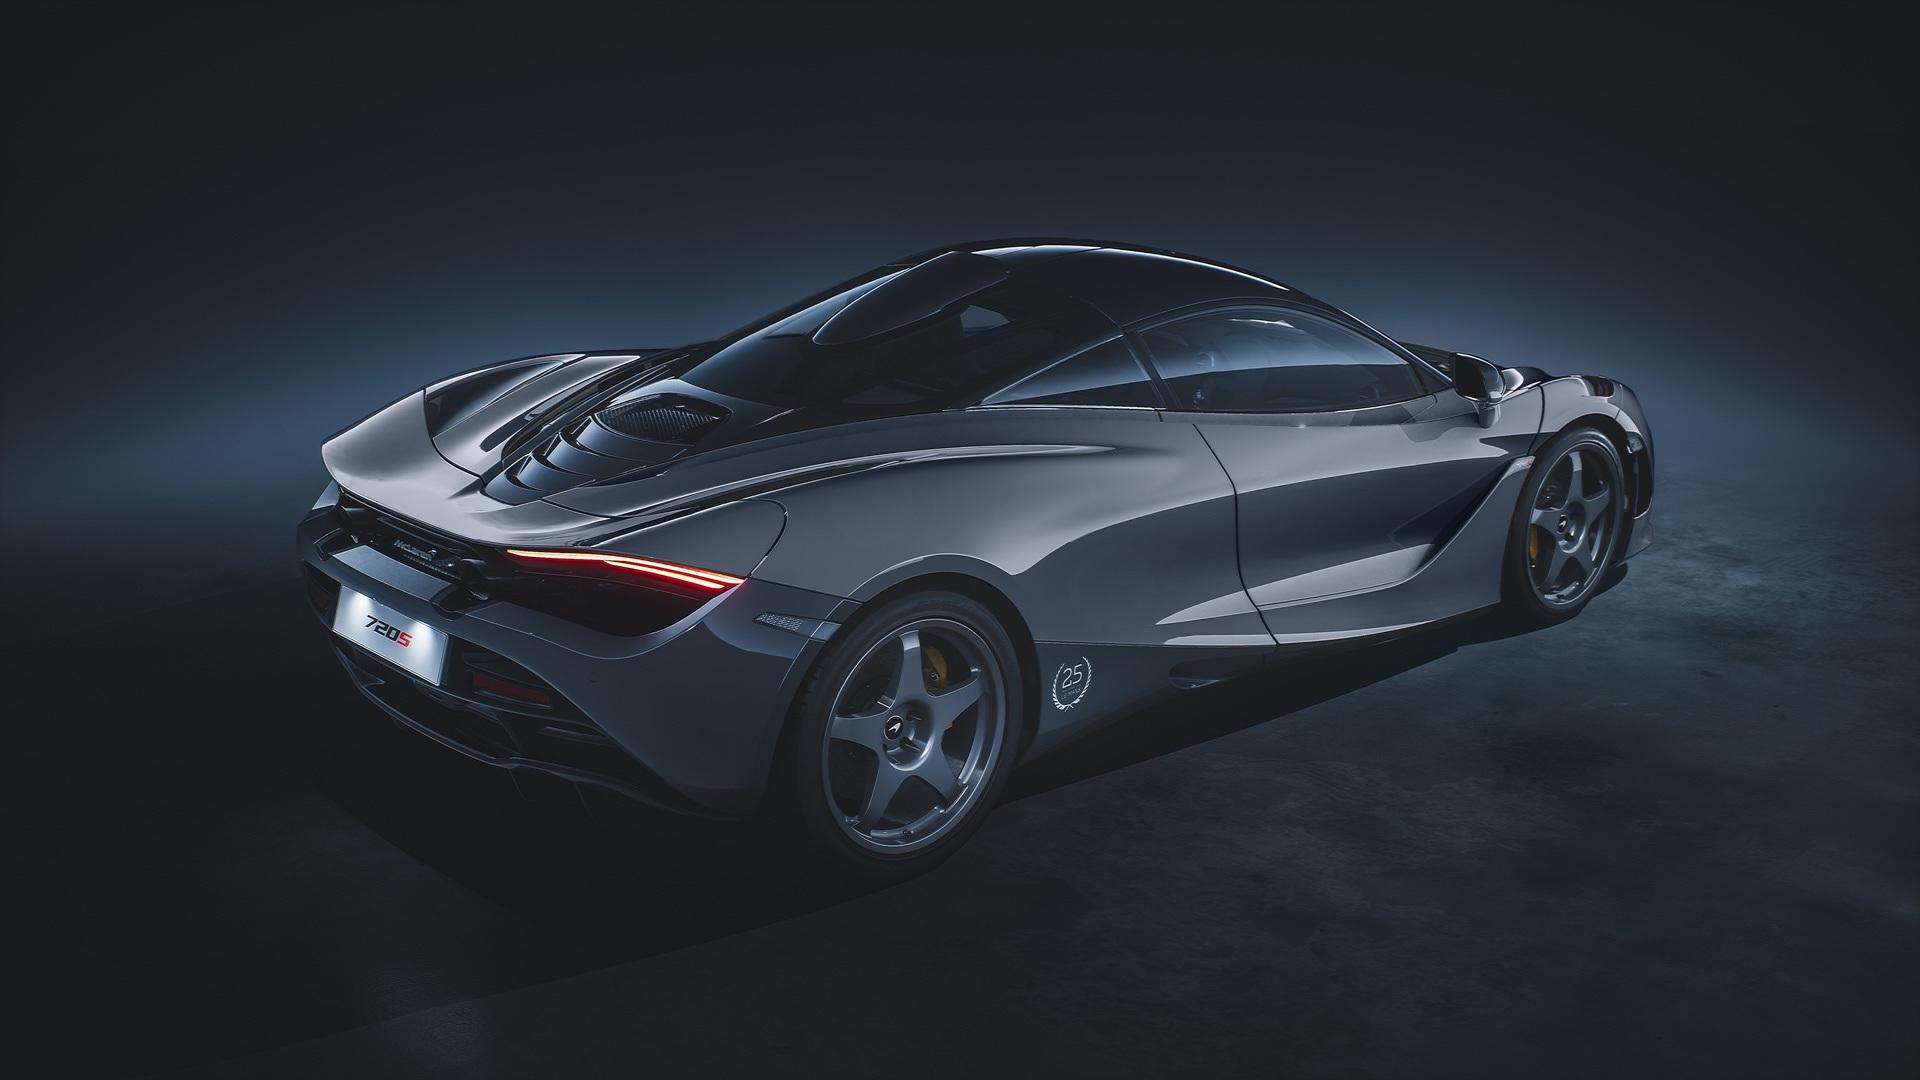 McLaren_720S_Le_Mans_Special_Edition_0002